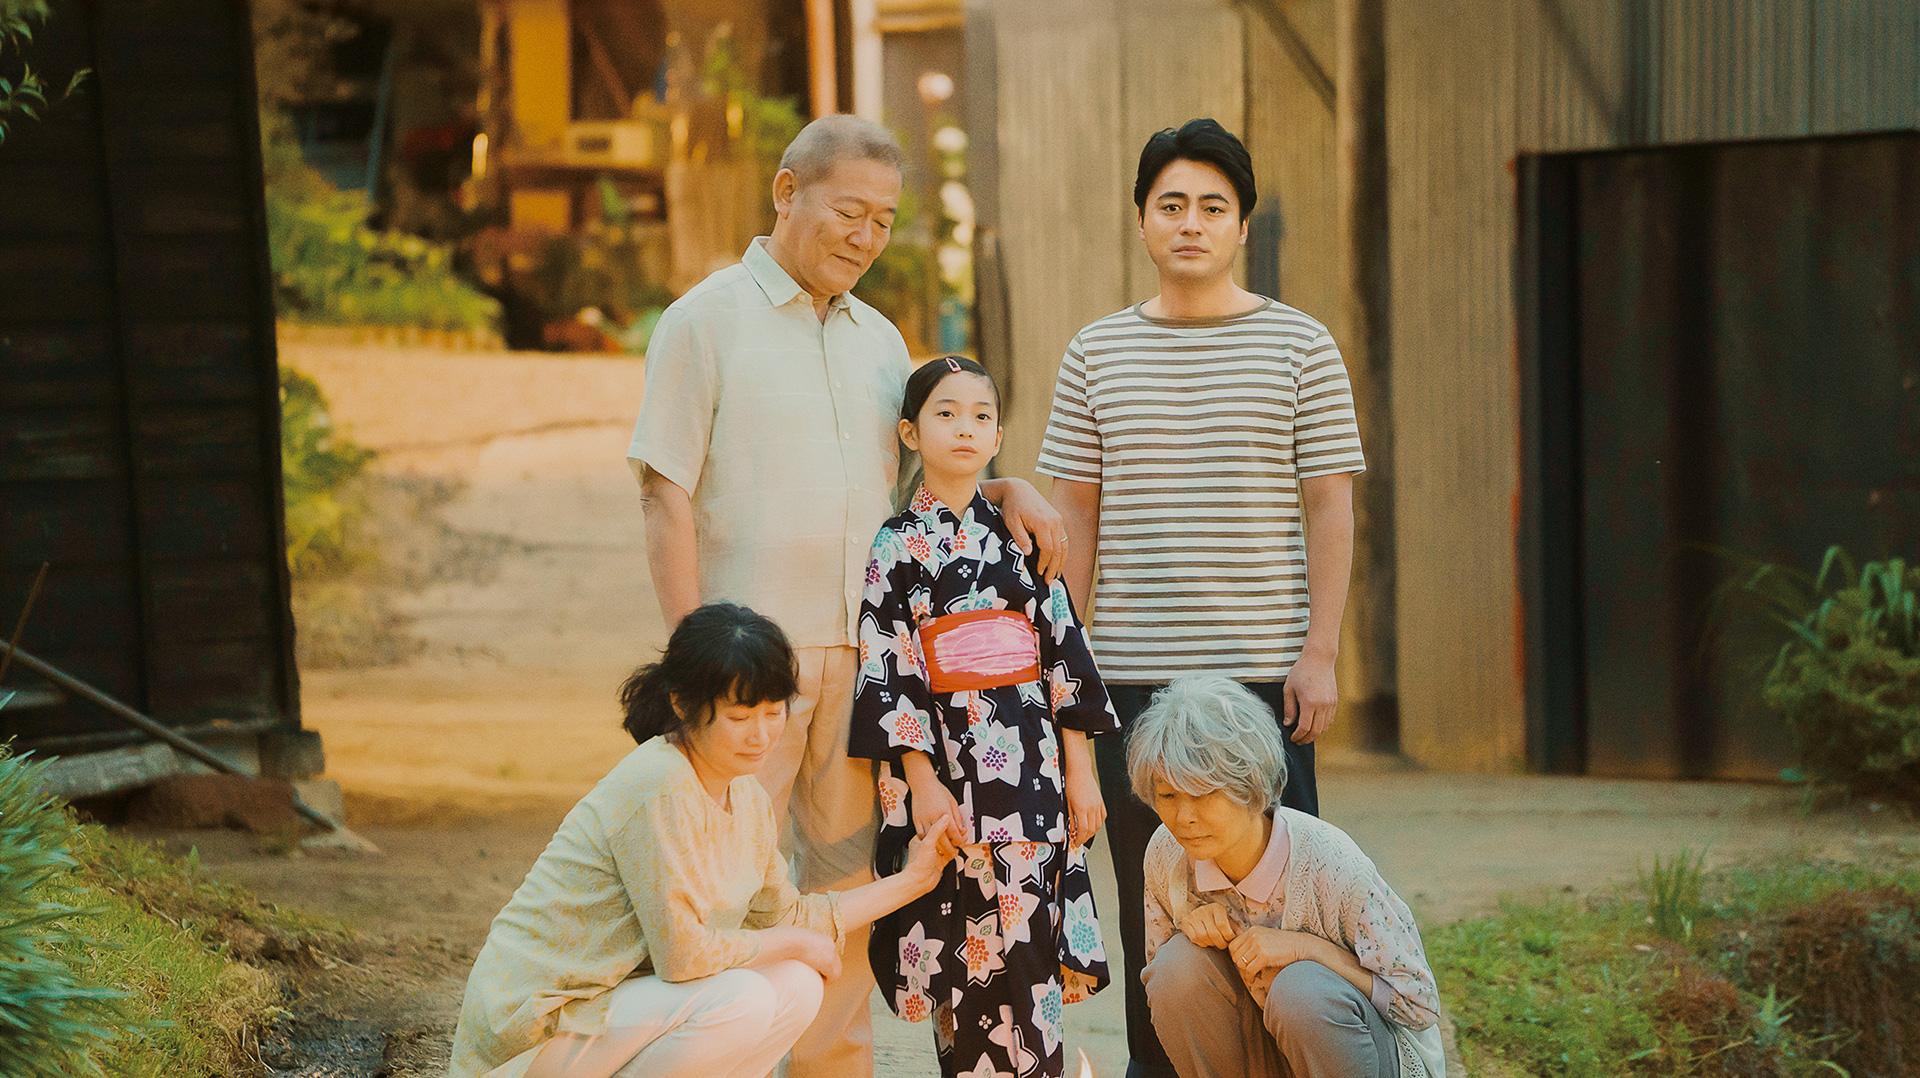 映画「ステップ」公式サイト|大ヒット上映中!